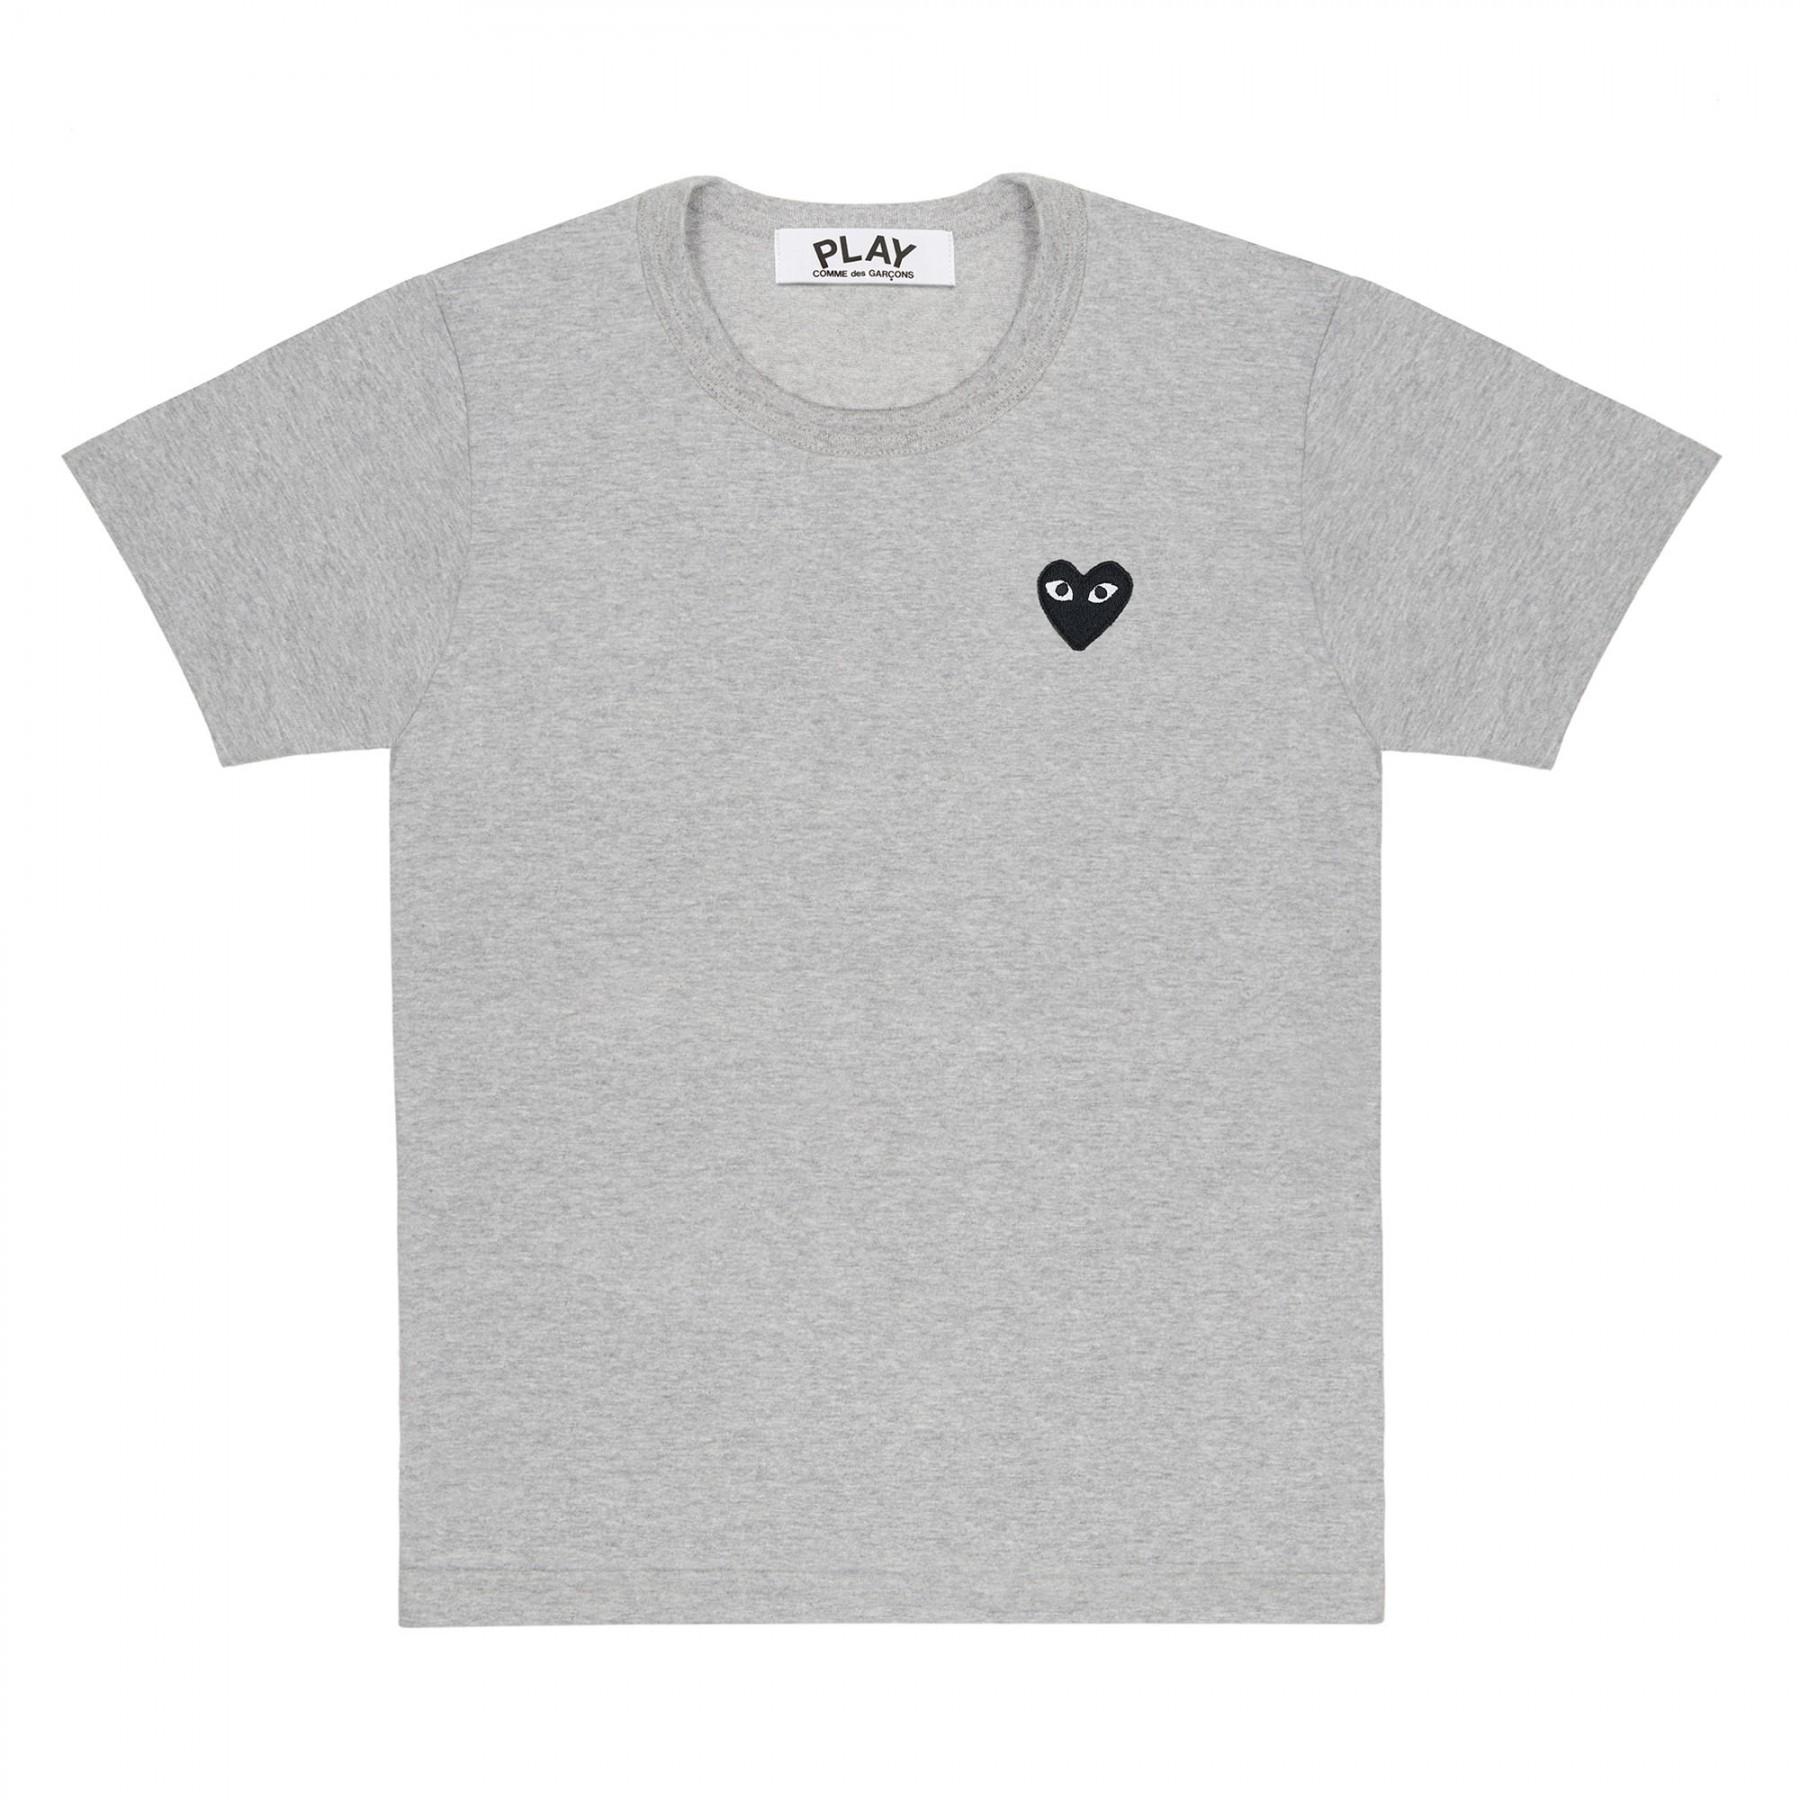 꼼데가르송 PLAY 그레이 티셔츠 원포인트 블랙하트 반소매(남성)